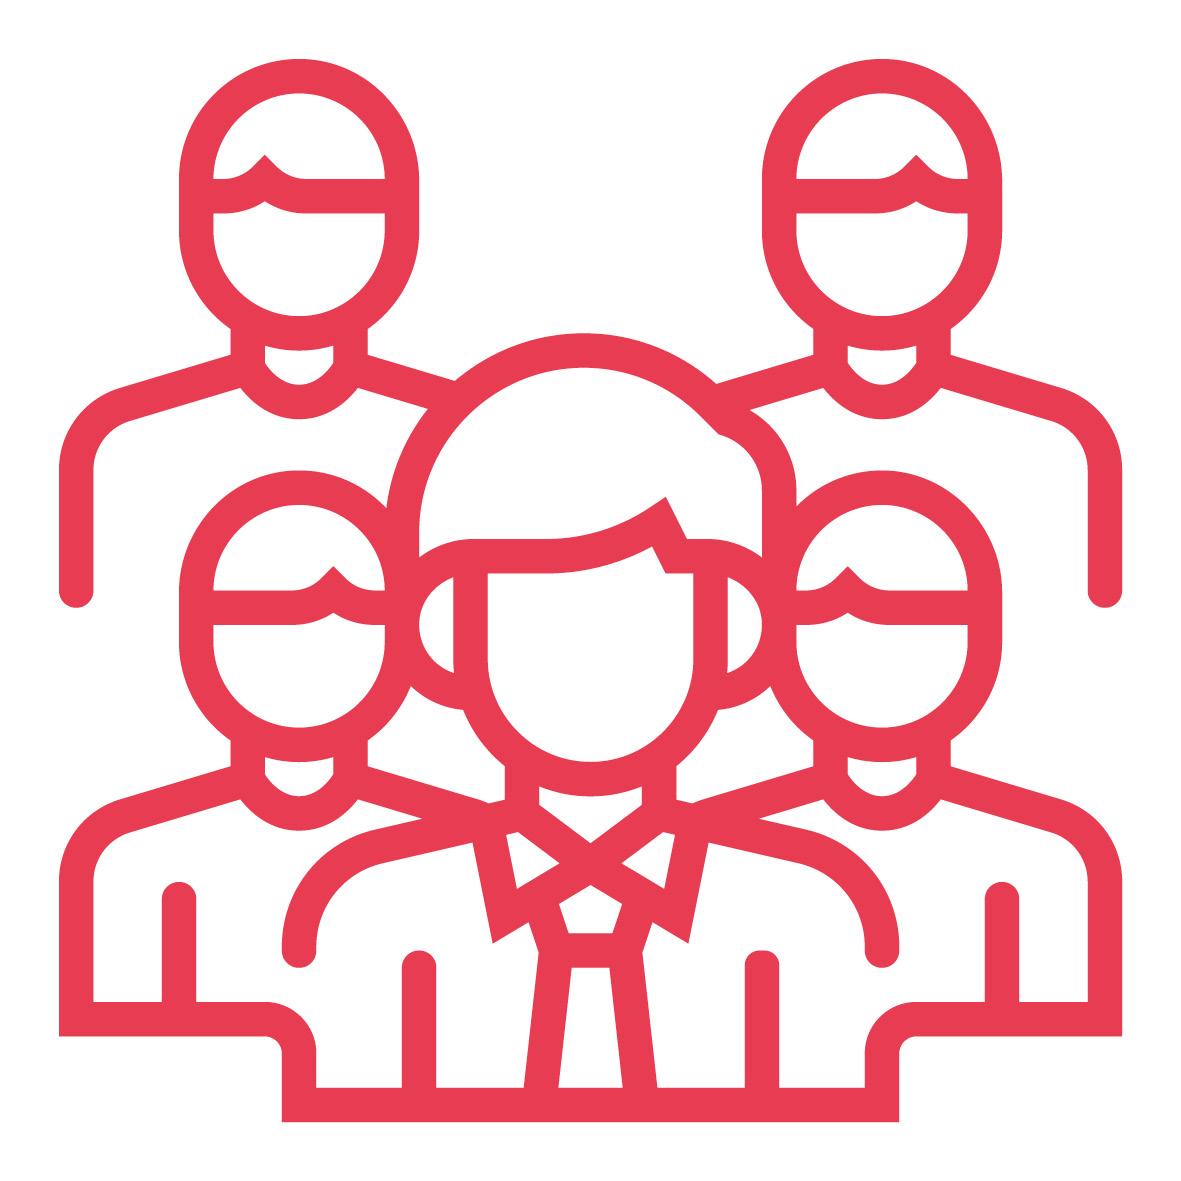 rosa associati - Wellbeing - Per le aziende3